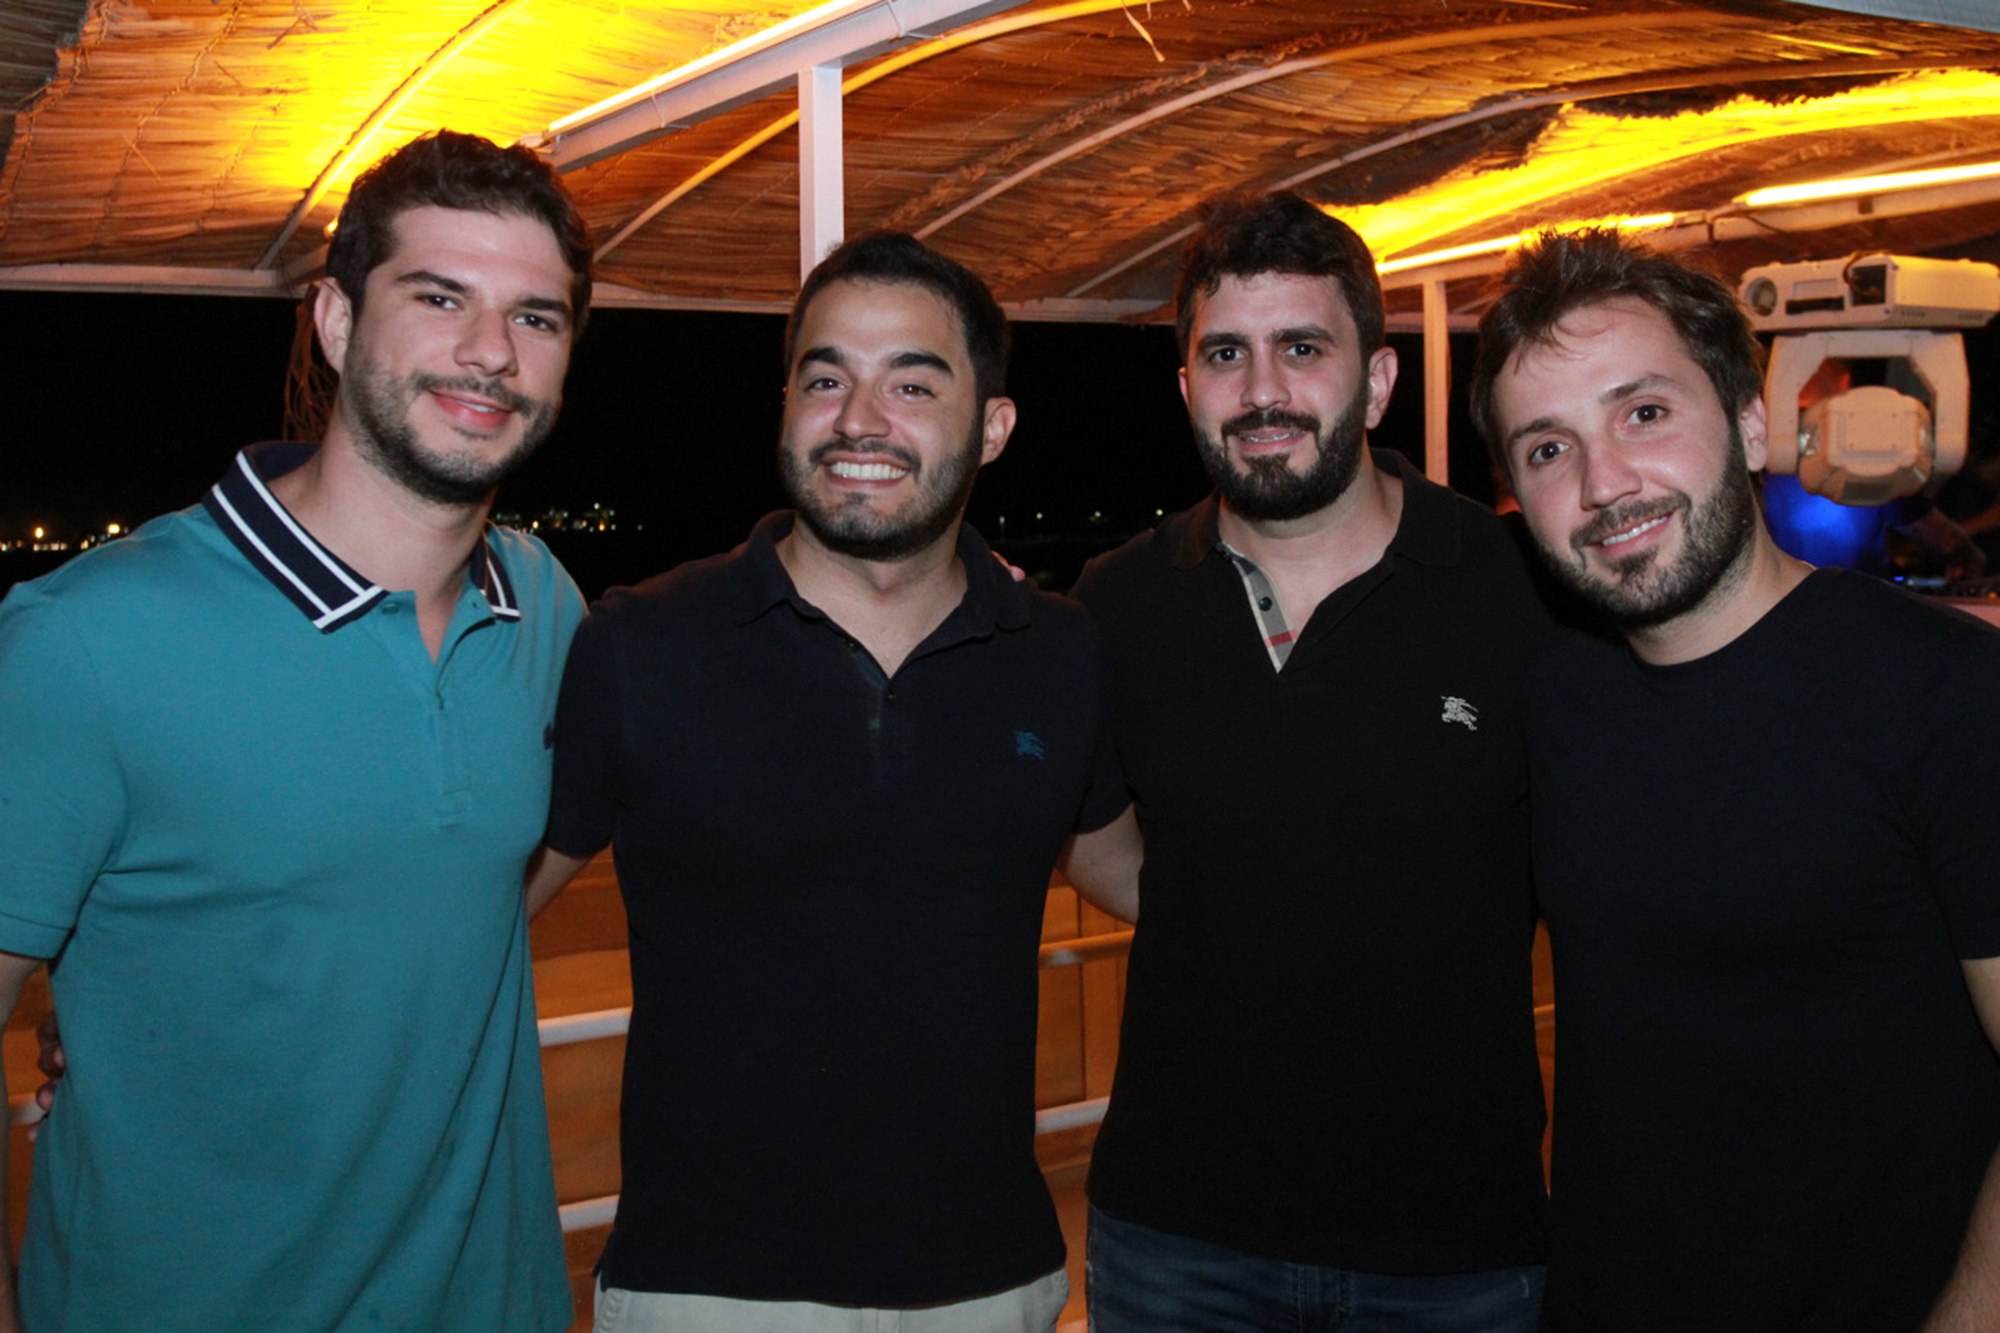 Os responsáveis pelo sucesso da CasaSounds: Pedro Martins, Raphael Tristão, João Resegue e Lucas Fittipaldi. Foto: José Augusto Tovar